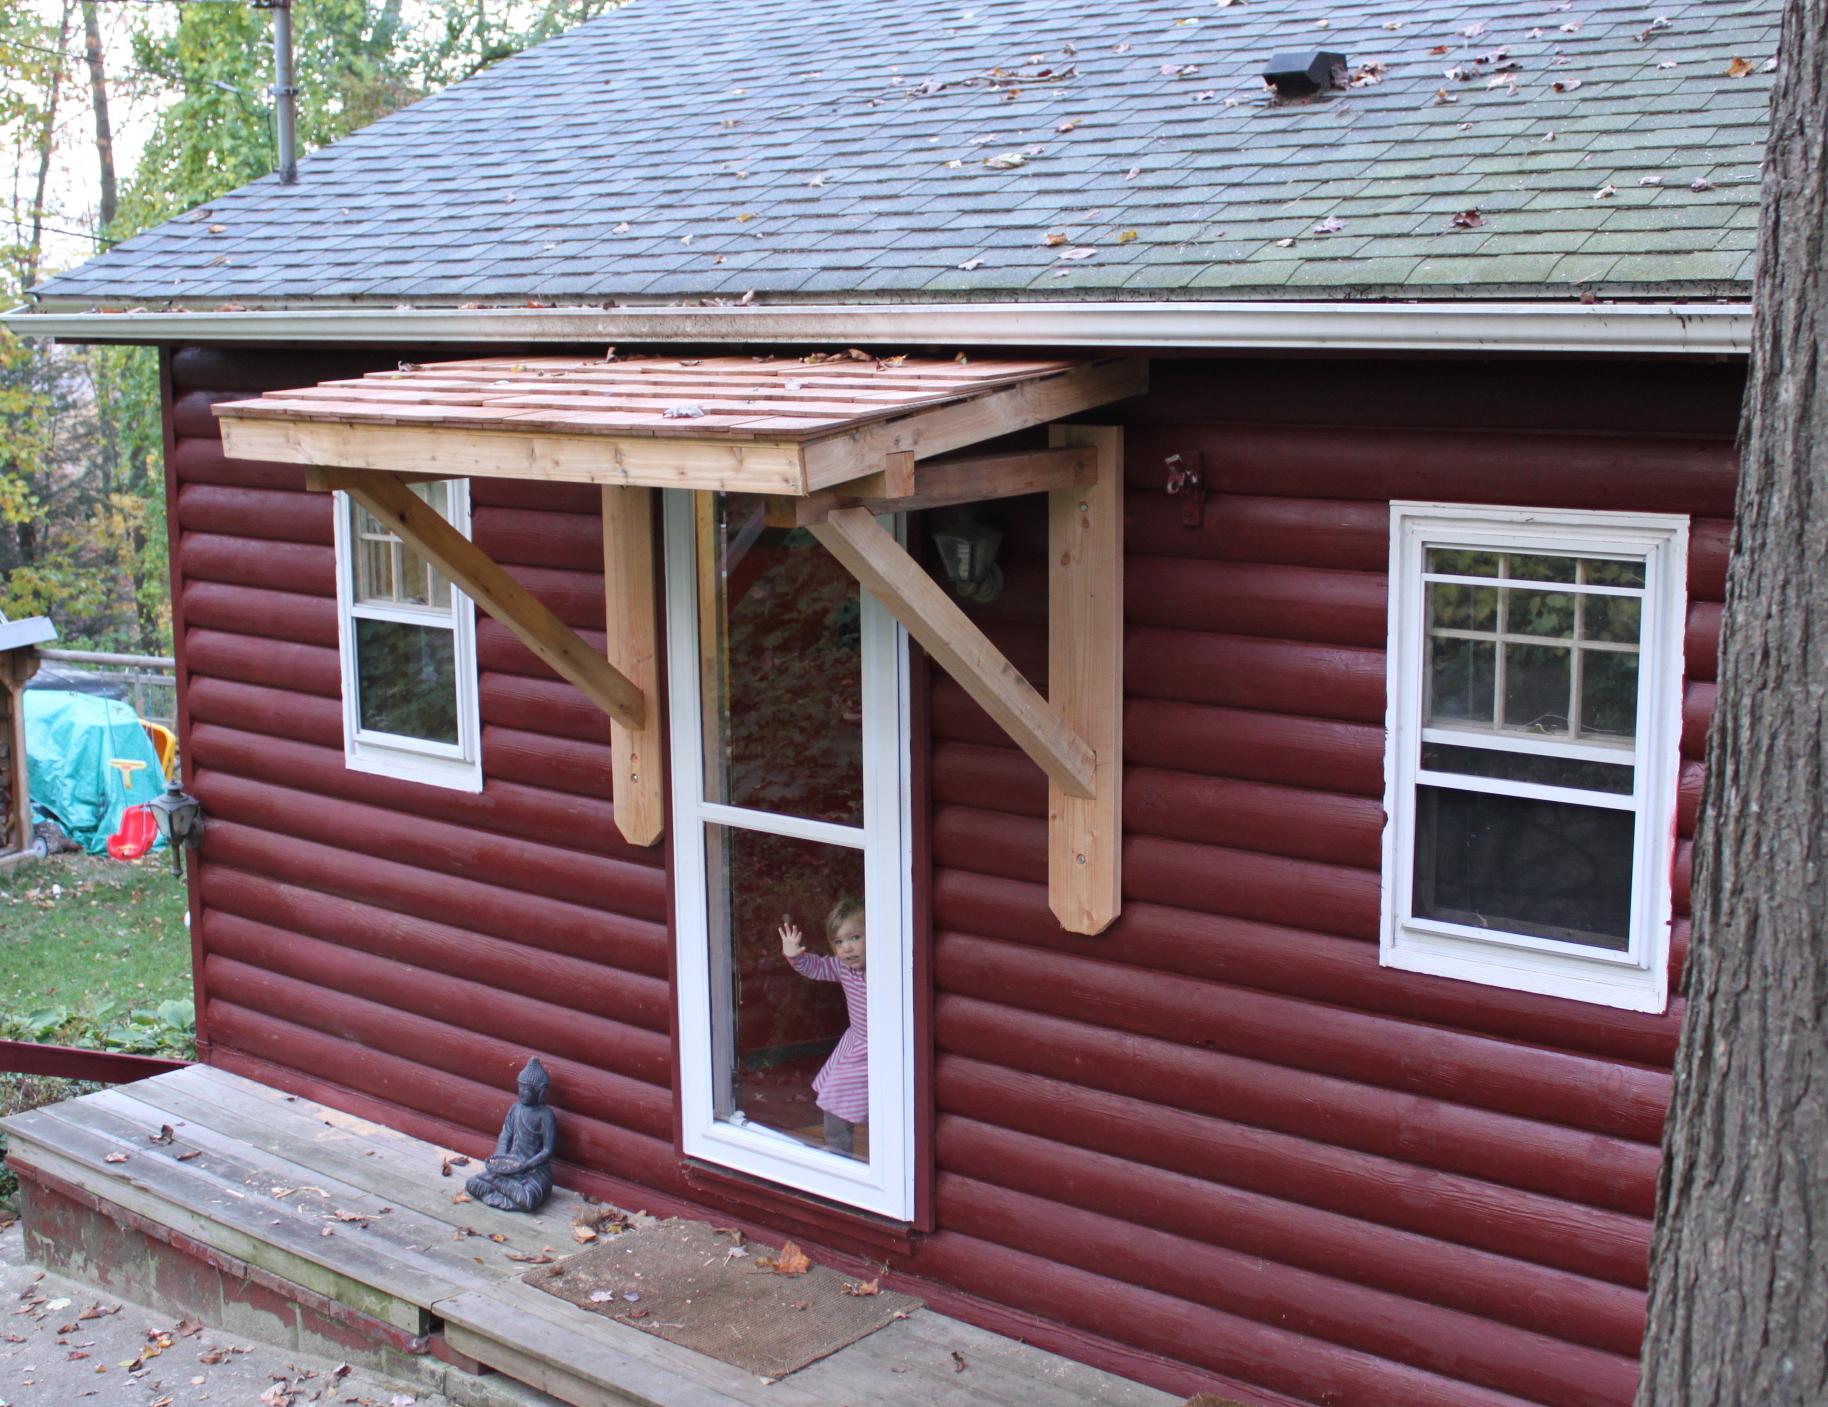 Merveilleux Build Wood Awning Over Door